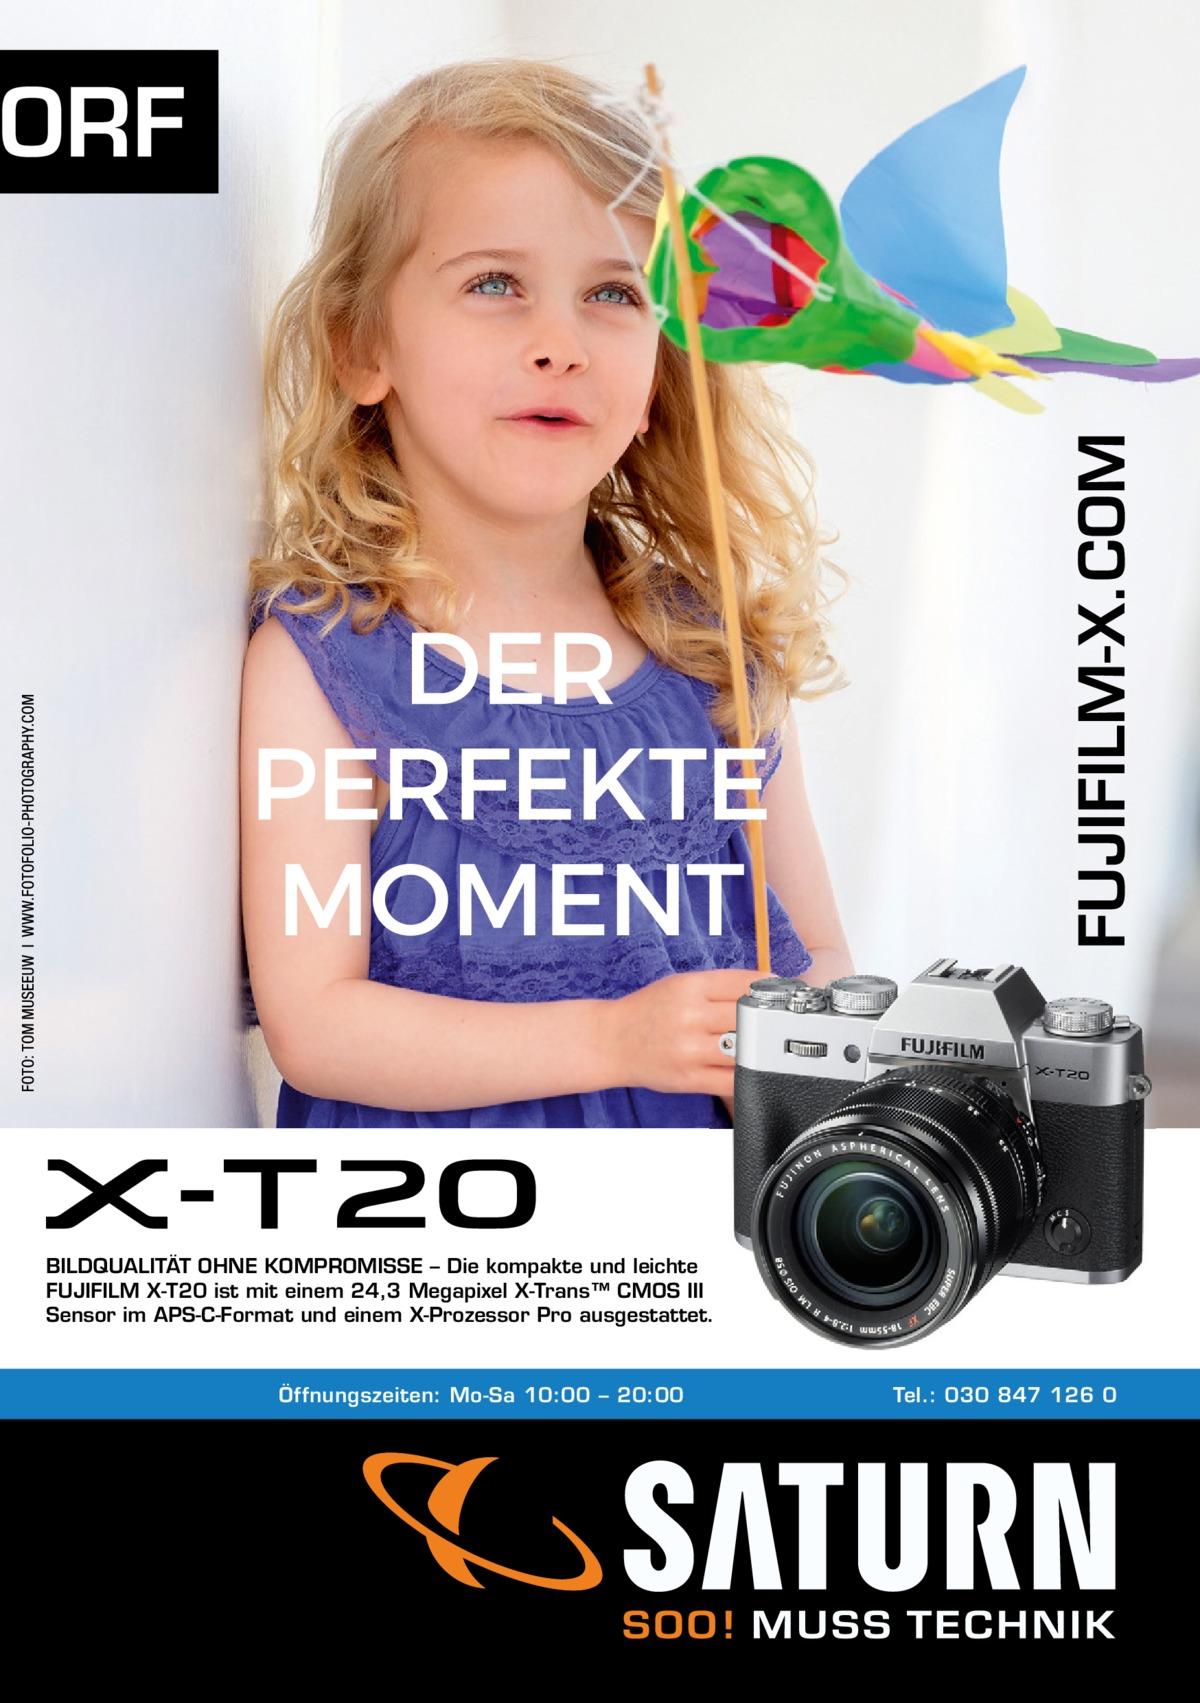 FUJIFILM-X.COM  ORF  BILDQUALITÄT OHNE KOMPROMISSE – Die kompakte und leichte FUJIFILM X-T20 ist mit einem 24,3 Megapixel X-Trans™ CMOS III Sensor im APS-C-Format und einem X-Prozessor Pro ausgestattet.  Öffnungszeiten: Mo-Sa 10:00 – 20:00  Tel.: 030 847 126 0